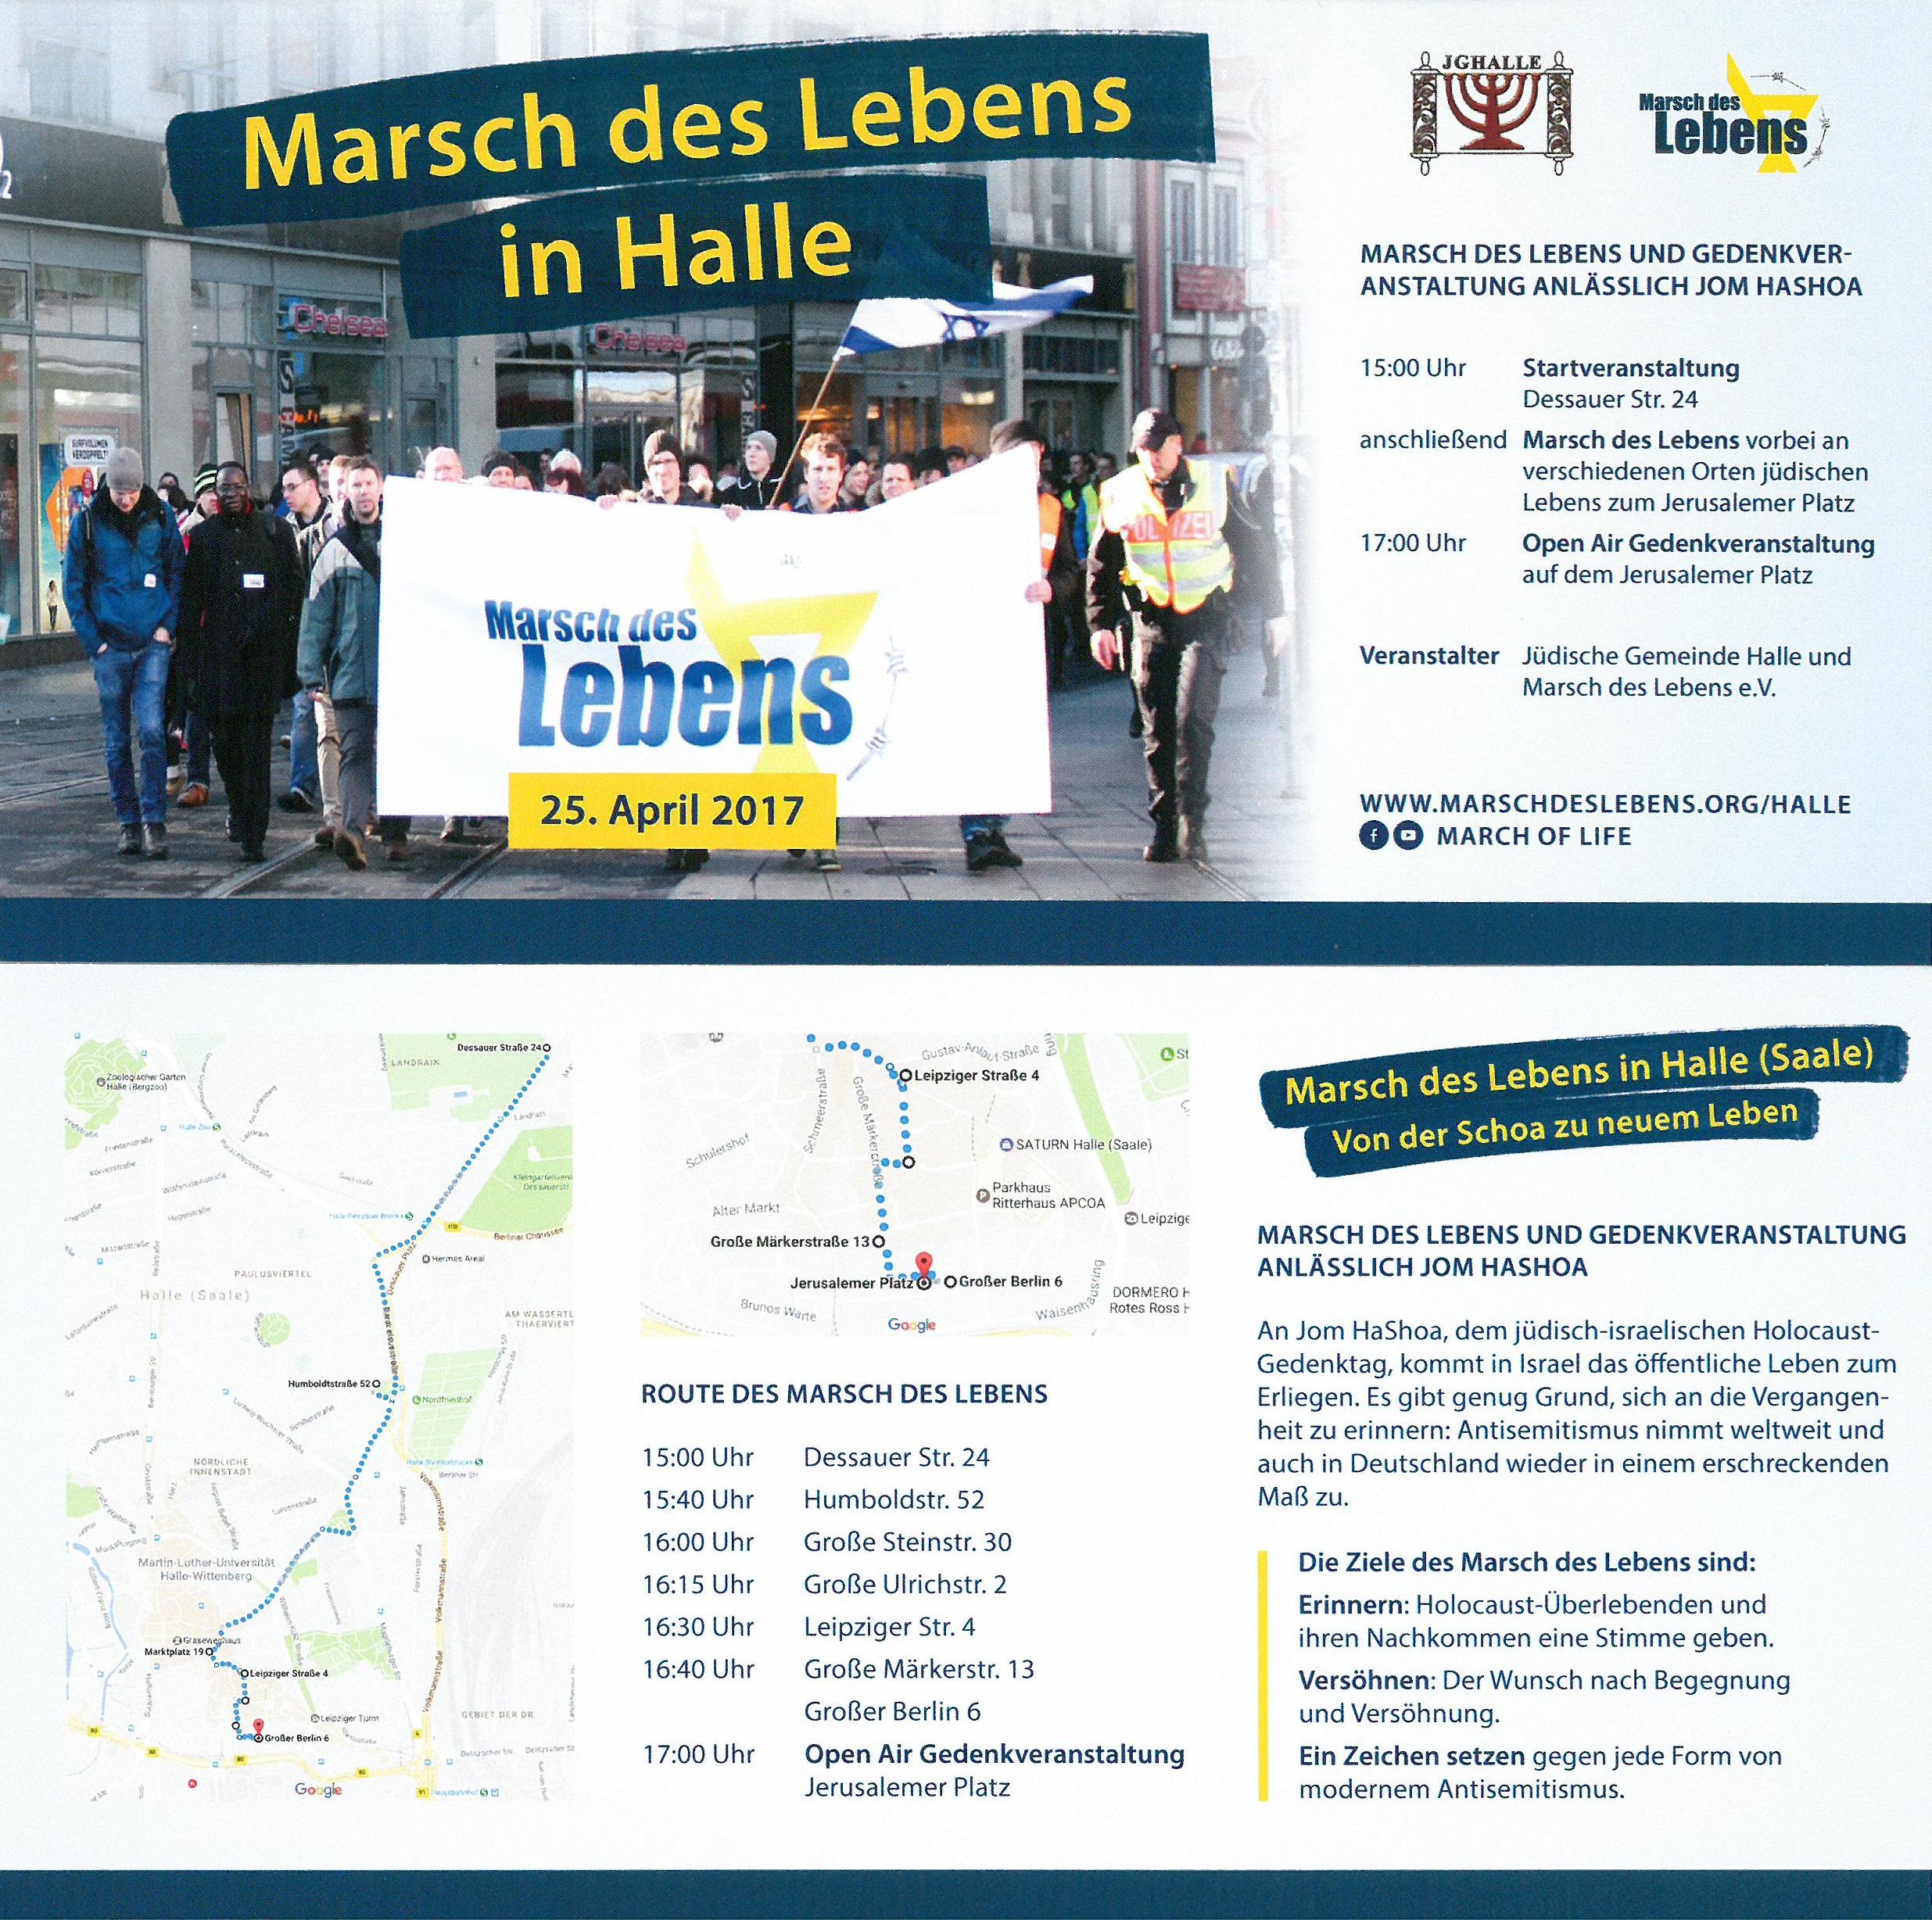 Marsch des Lebens in Halle (Saale)